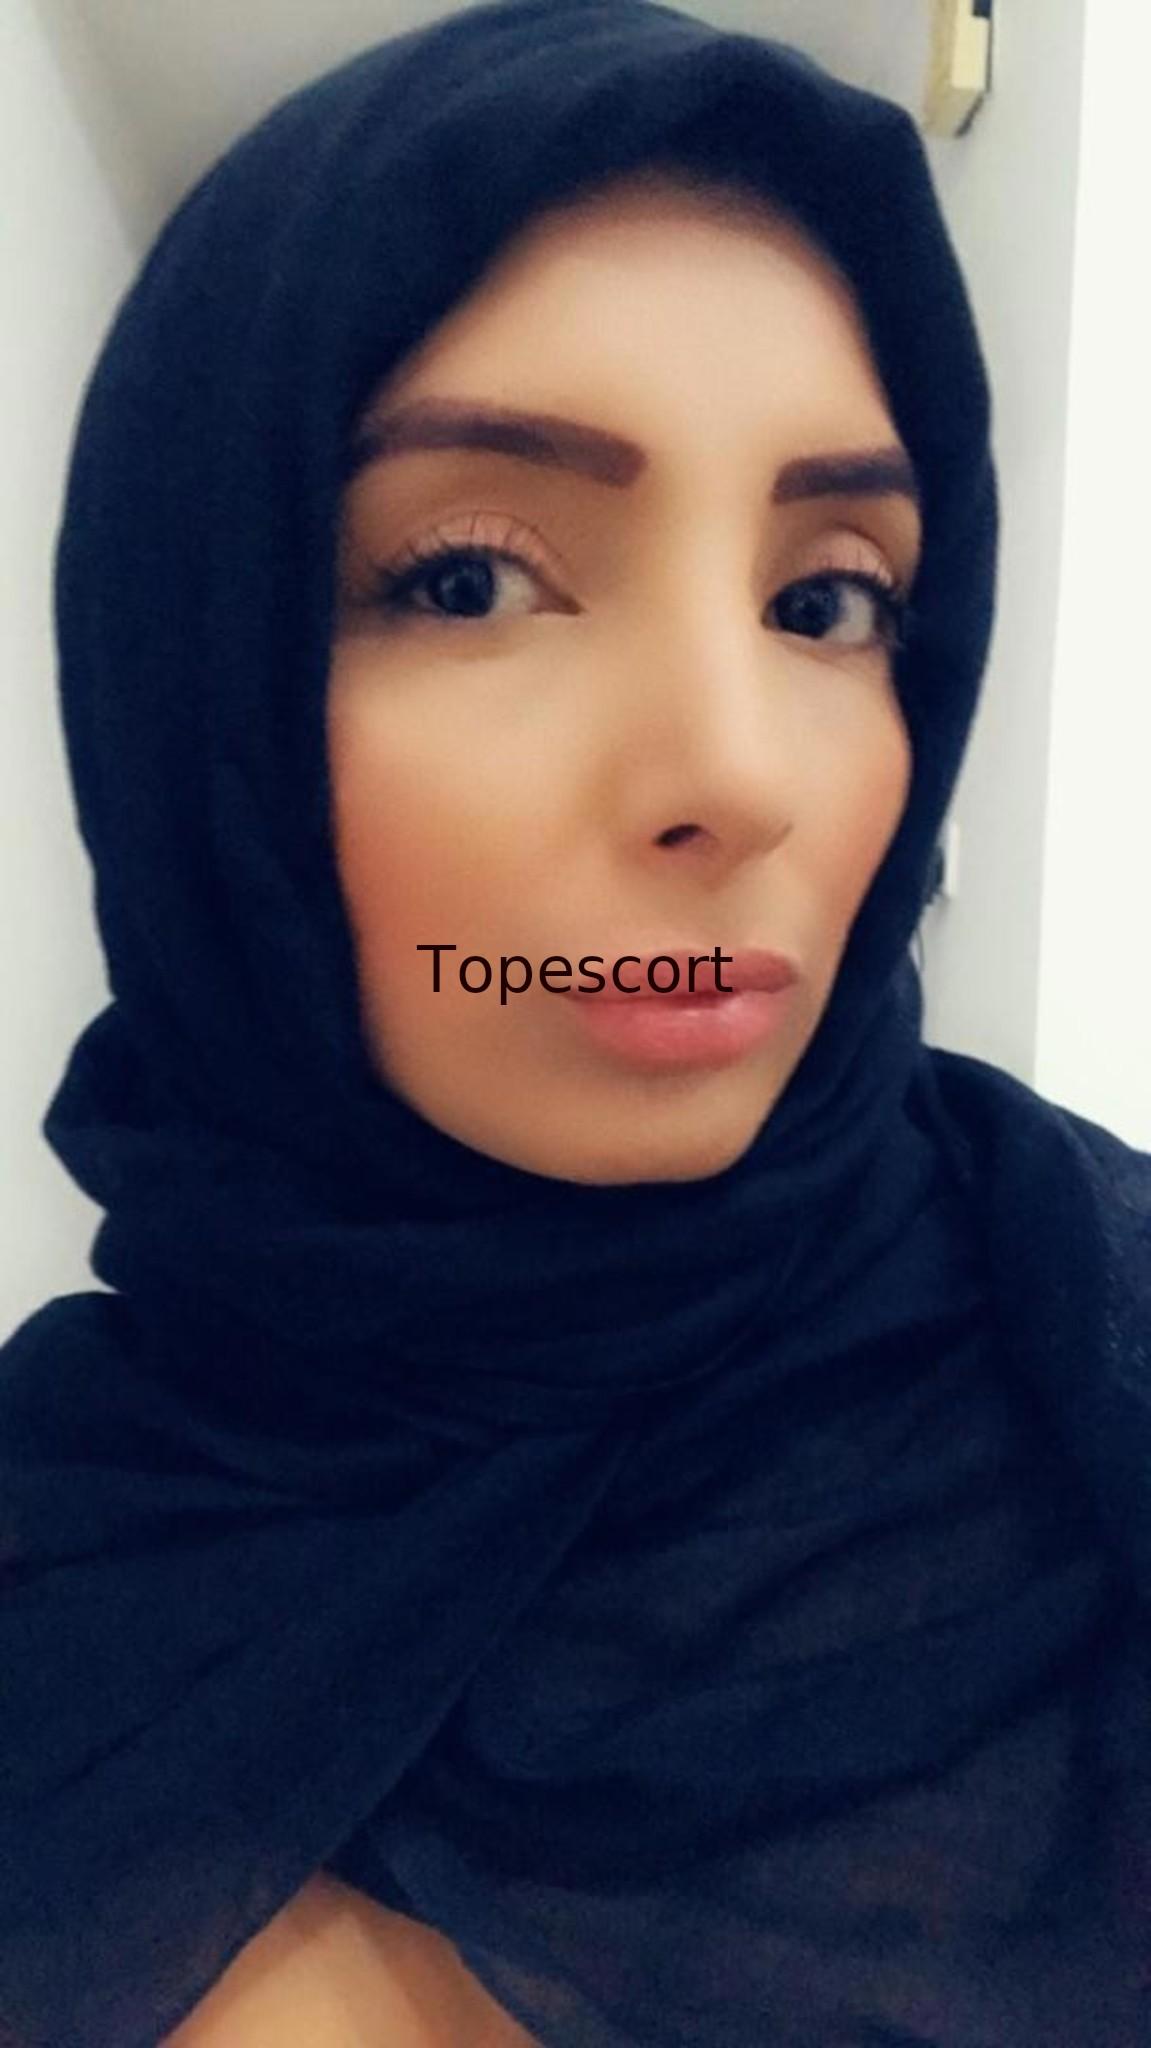 In riyadh girls escort Riyadh Escort